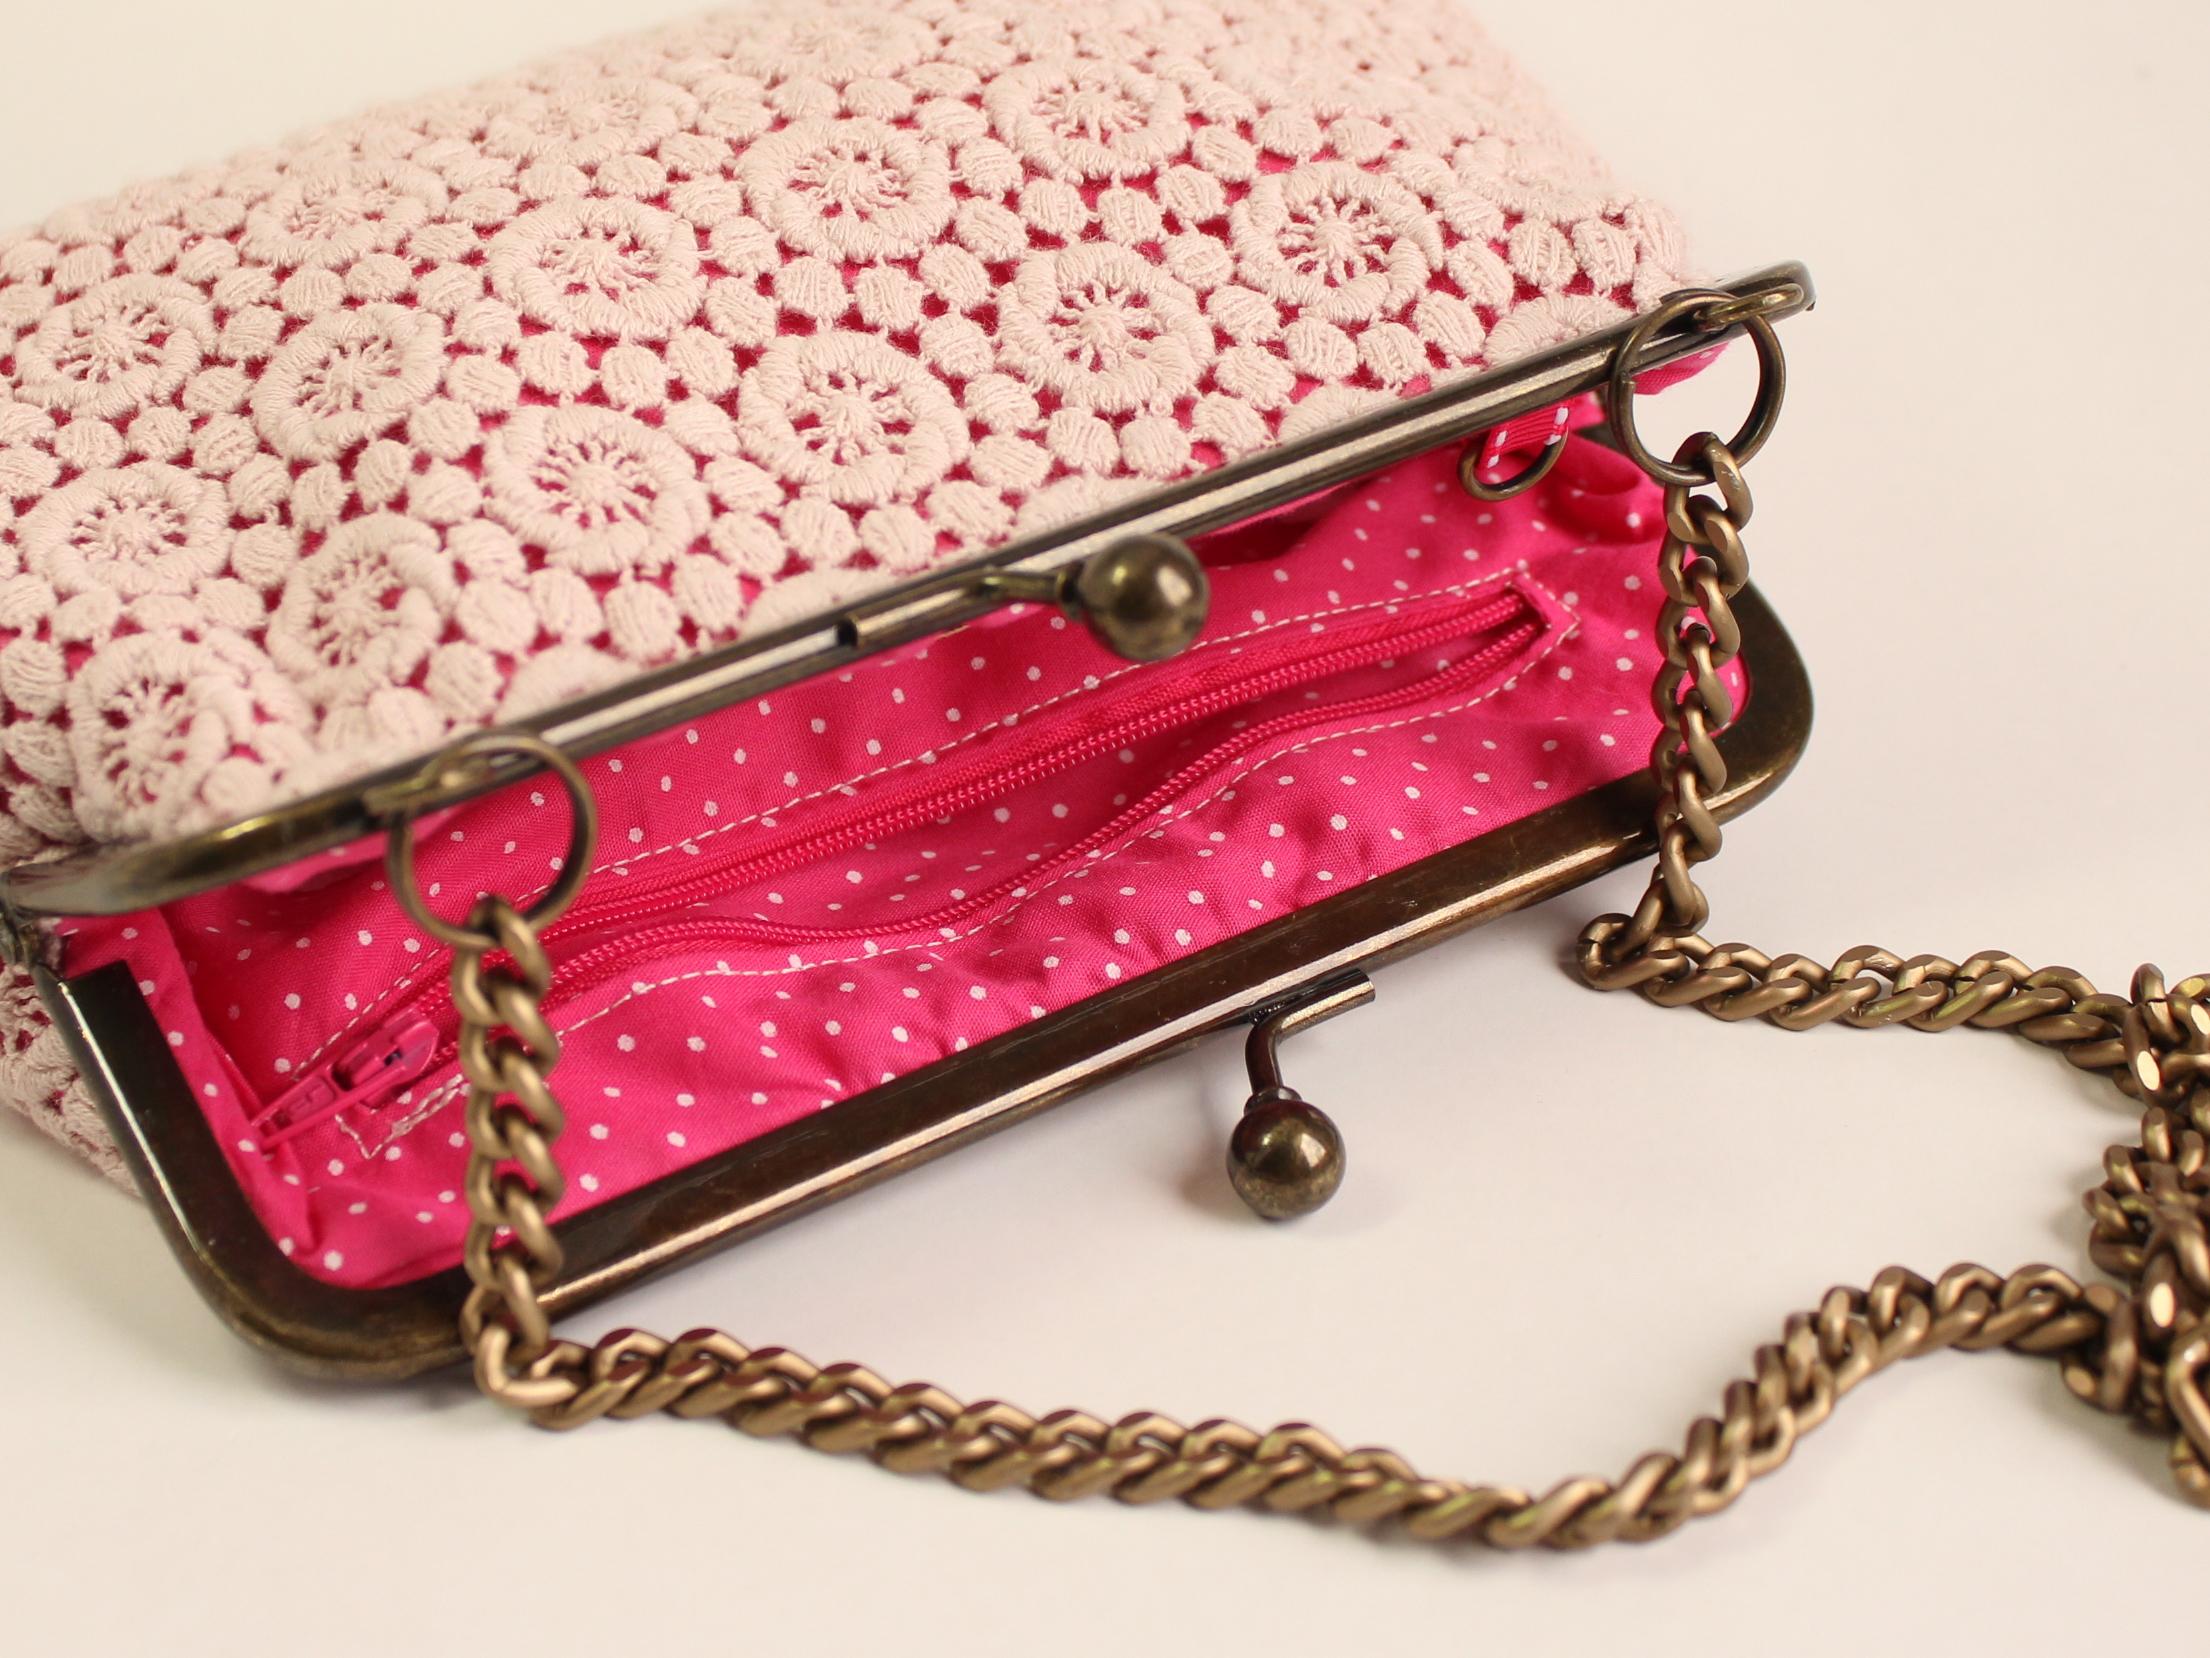 Bolsa De Tecido Com Renda : Bolsa retr? da vov? renda rosa pink modos de mocinha